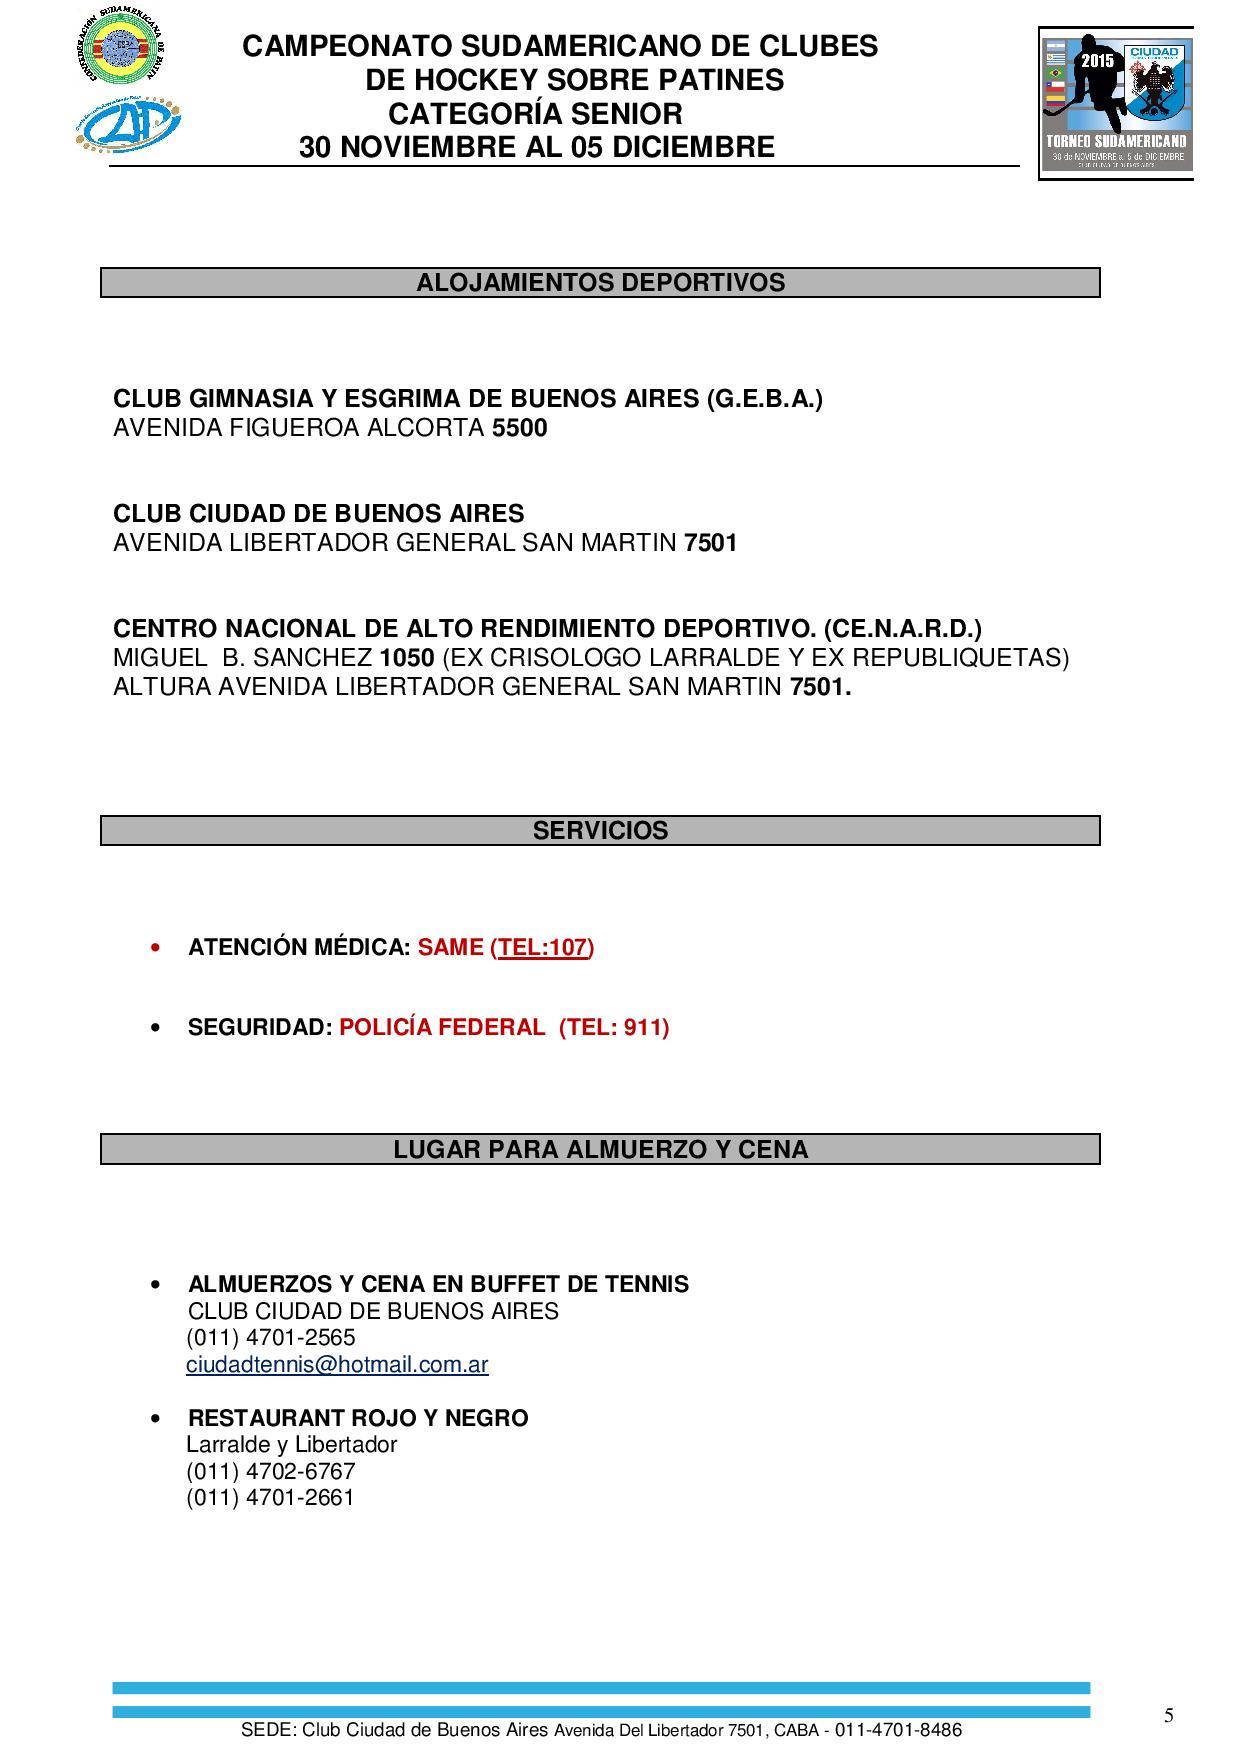 CARPETA CAMPEONATO SUDAMERICANO DE CLUBES HSP 2015-page-005